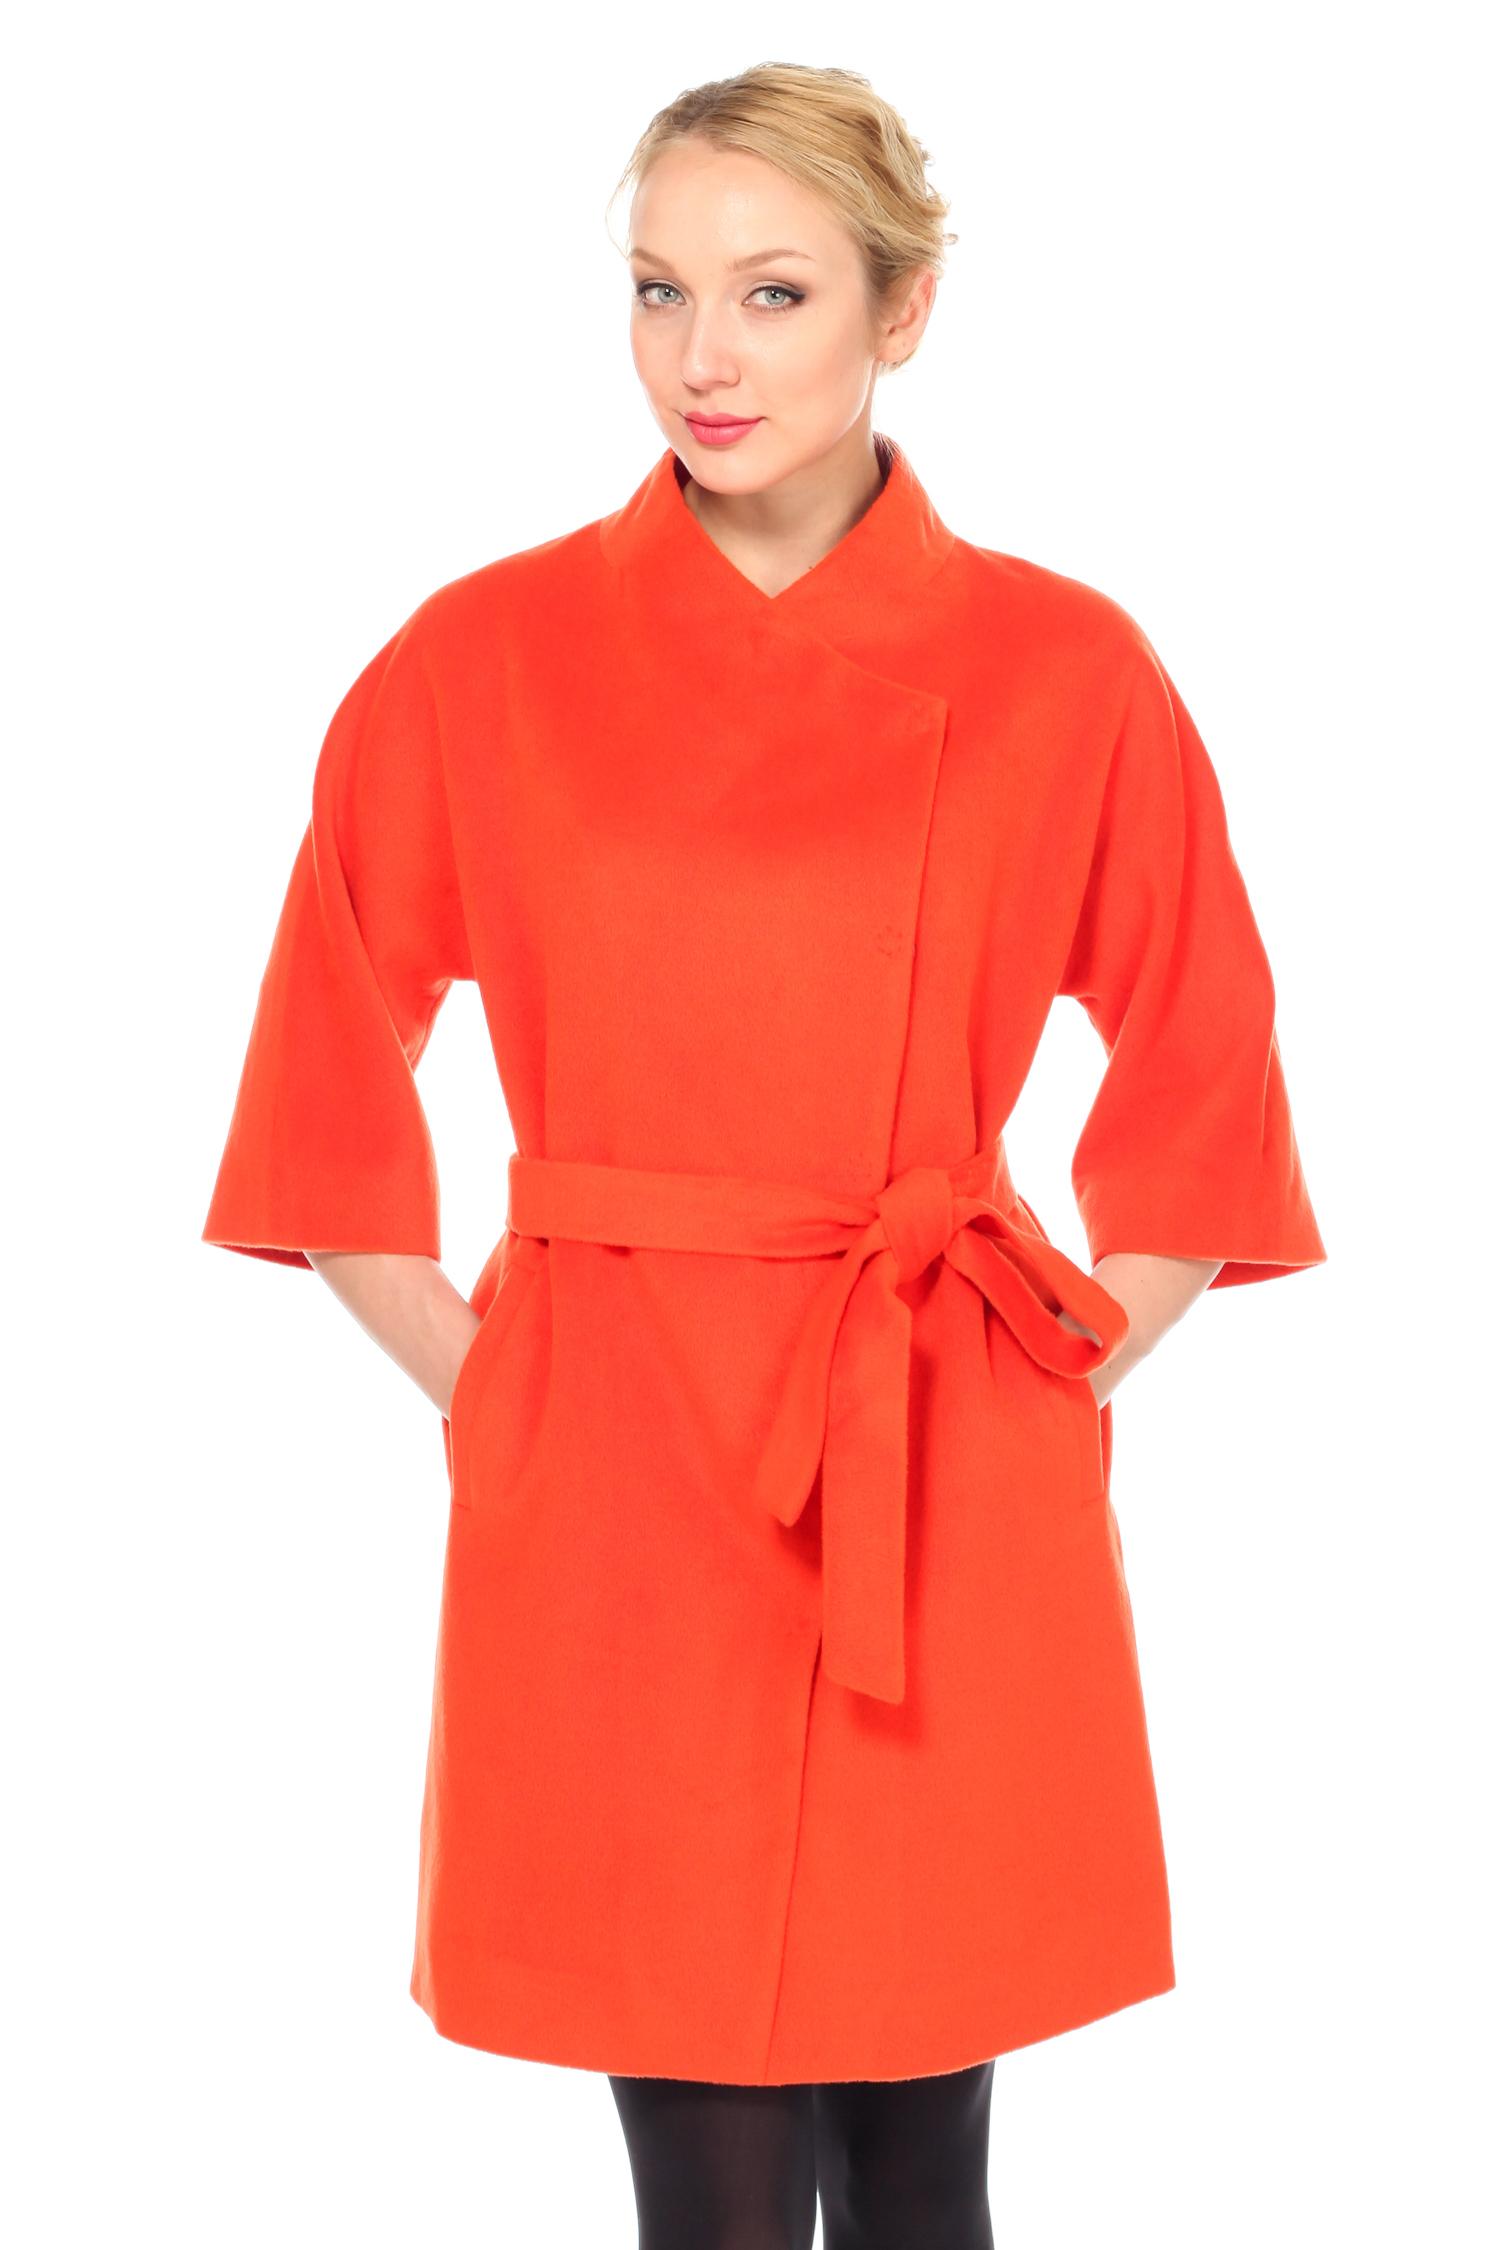 Женское пальто с воротником, без отделки<br><br>Длина см: Длинная (свыше 90)<br>Материал: Комбинированный состав<br>Цвет: оранжевый<br>Вид застежки: косая<br>Застежка: на кнопки<br>Пол: Женский<br>Размер RU: 56